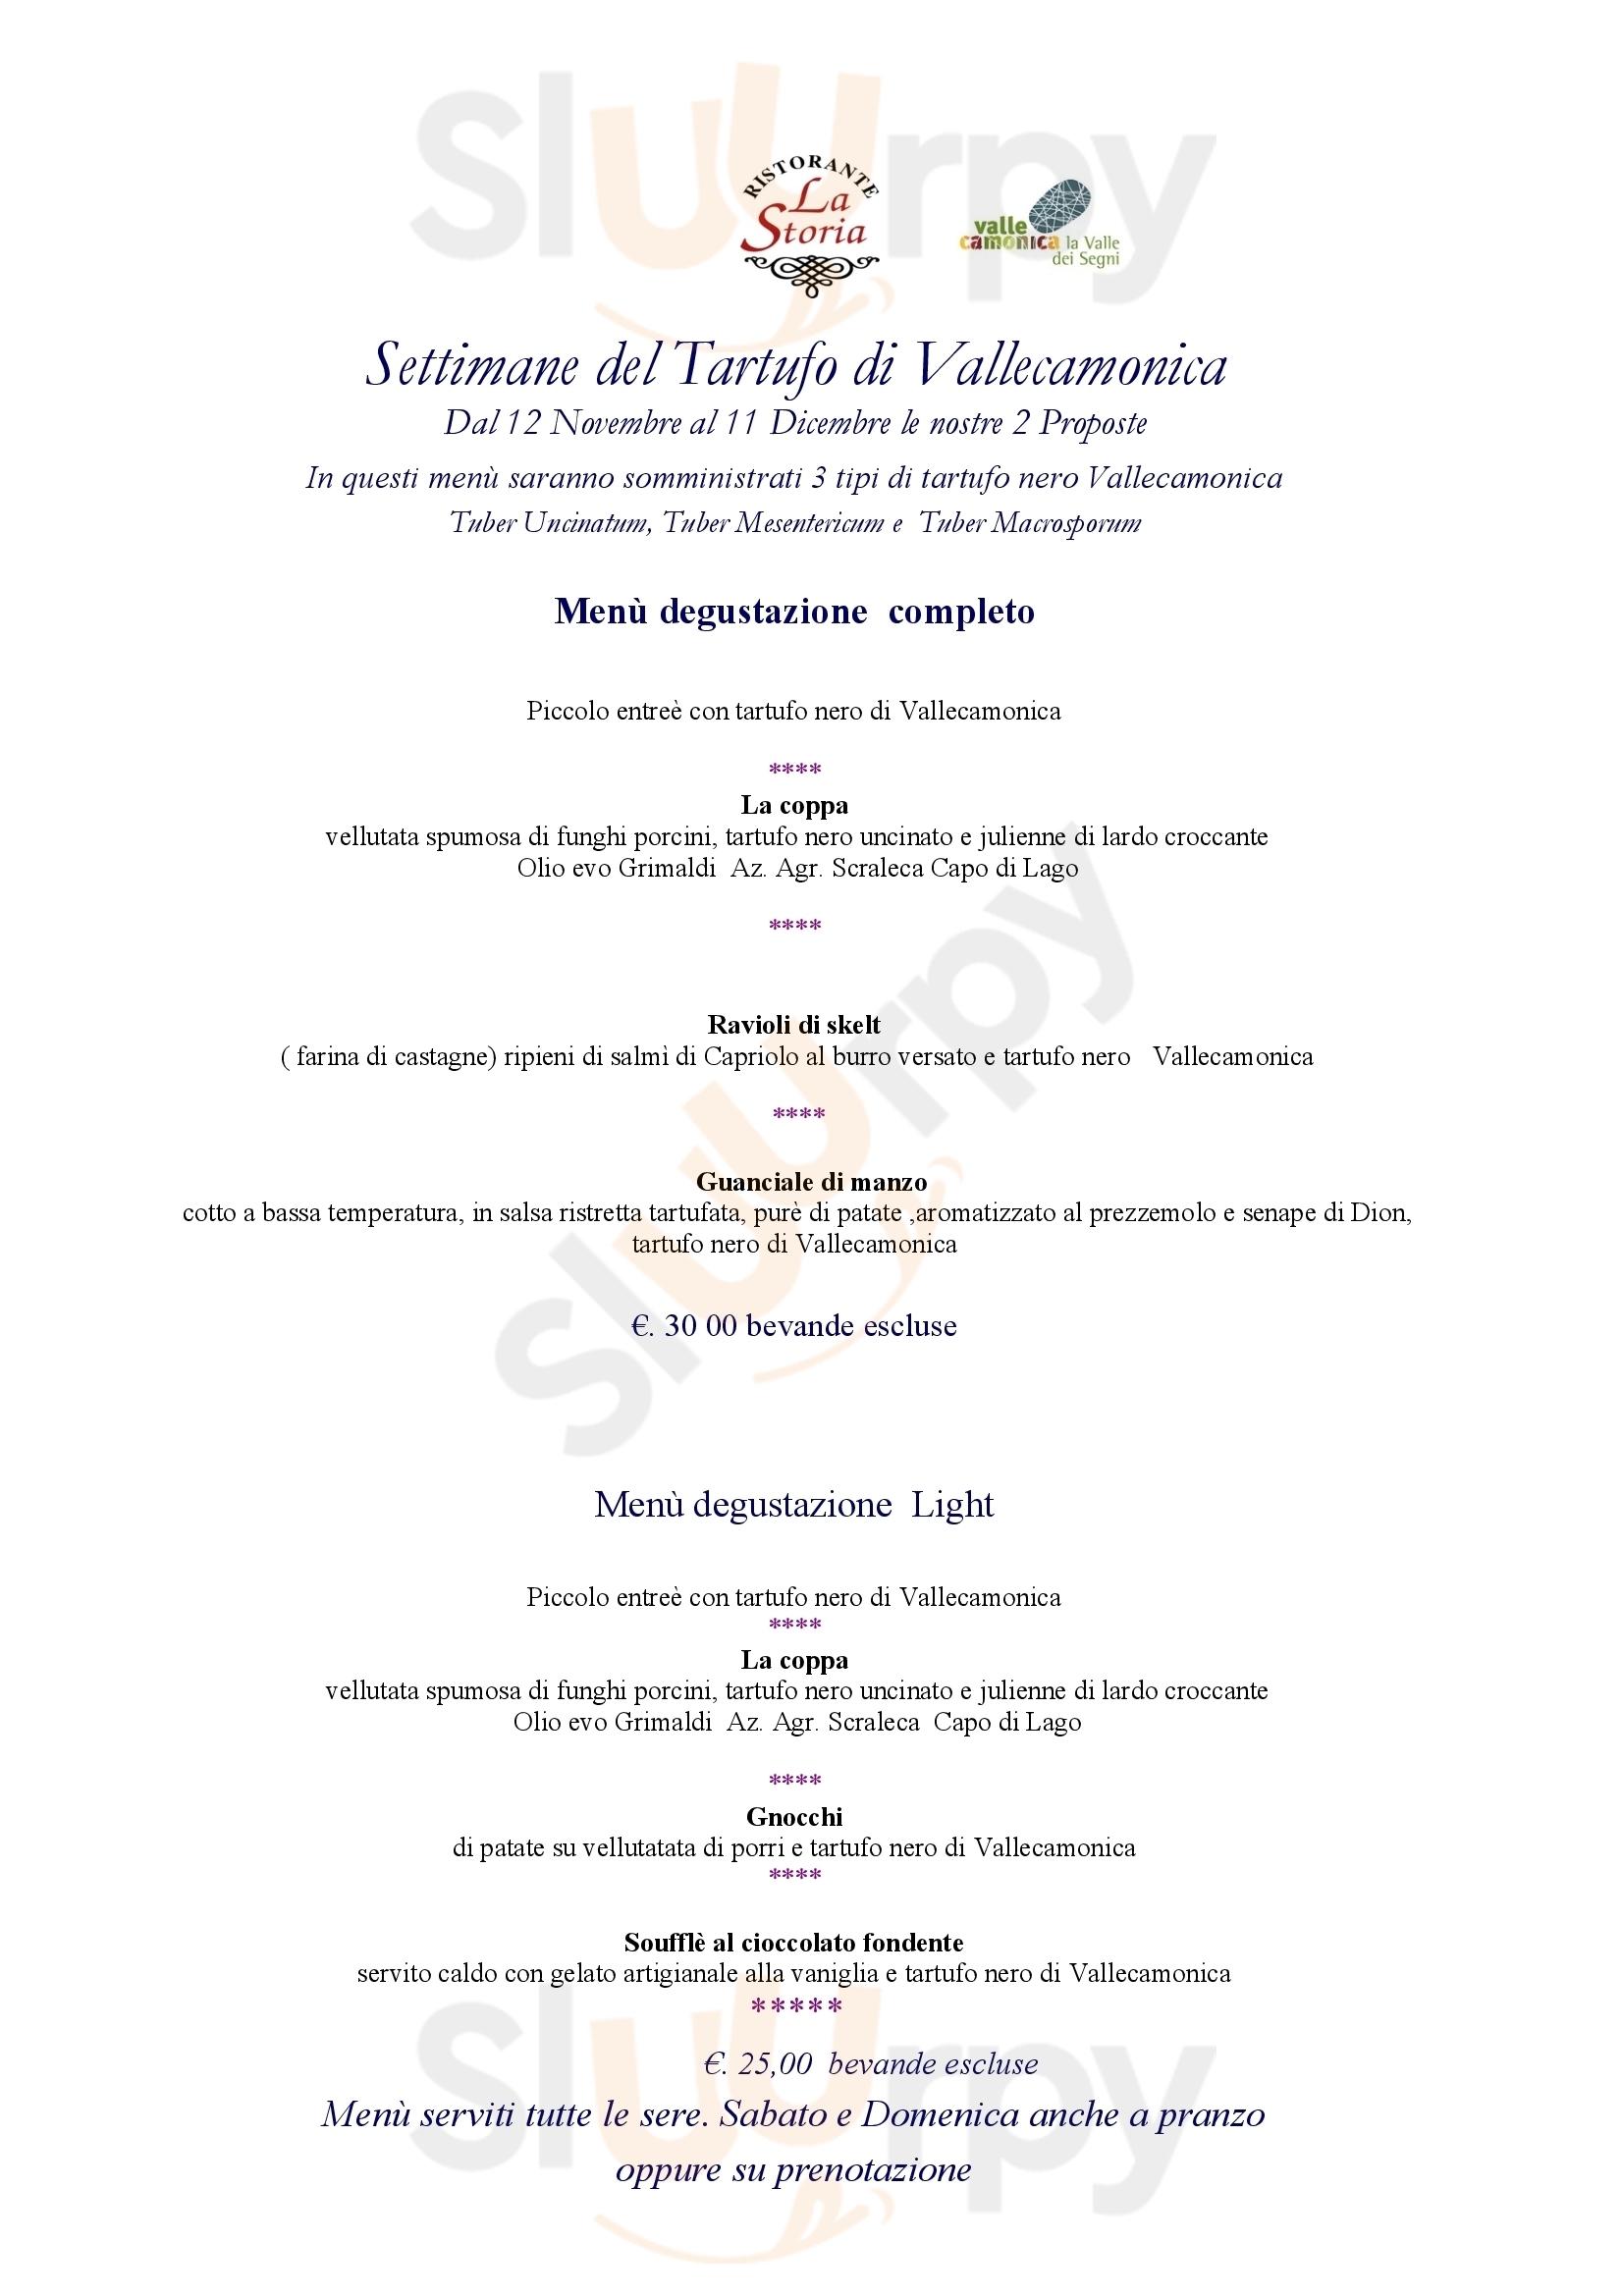 La Storia Darfo Boario Terme menù 1 pagina